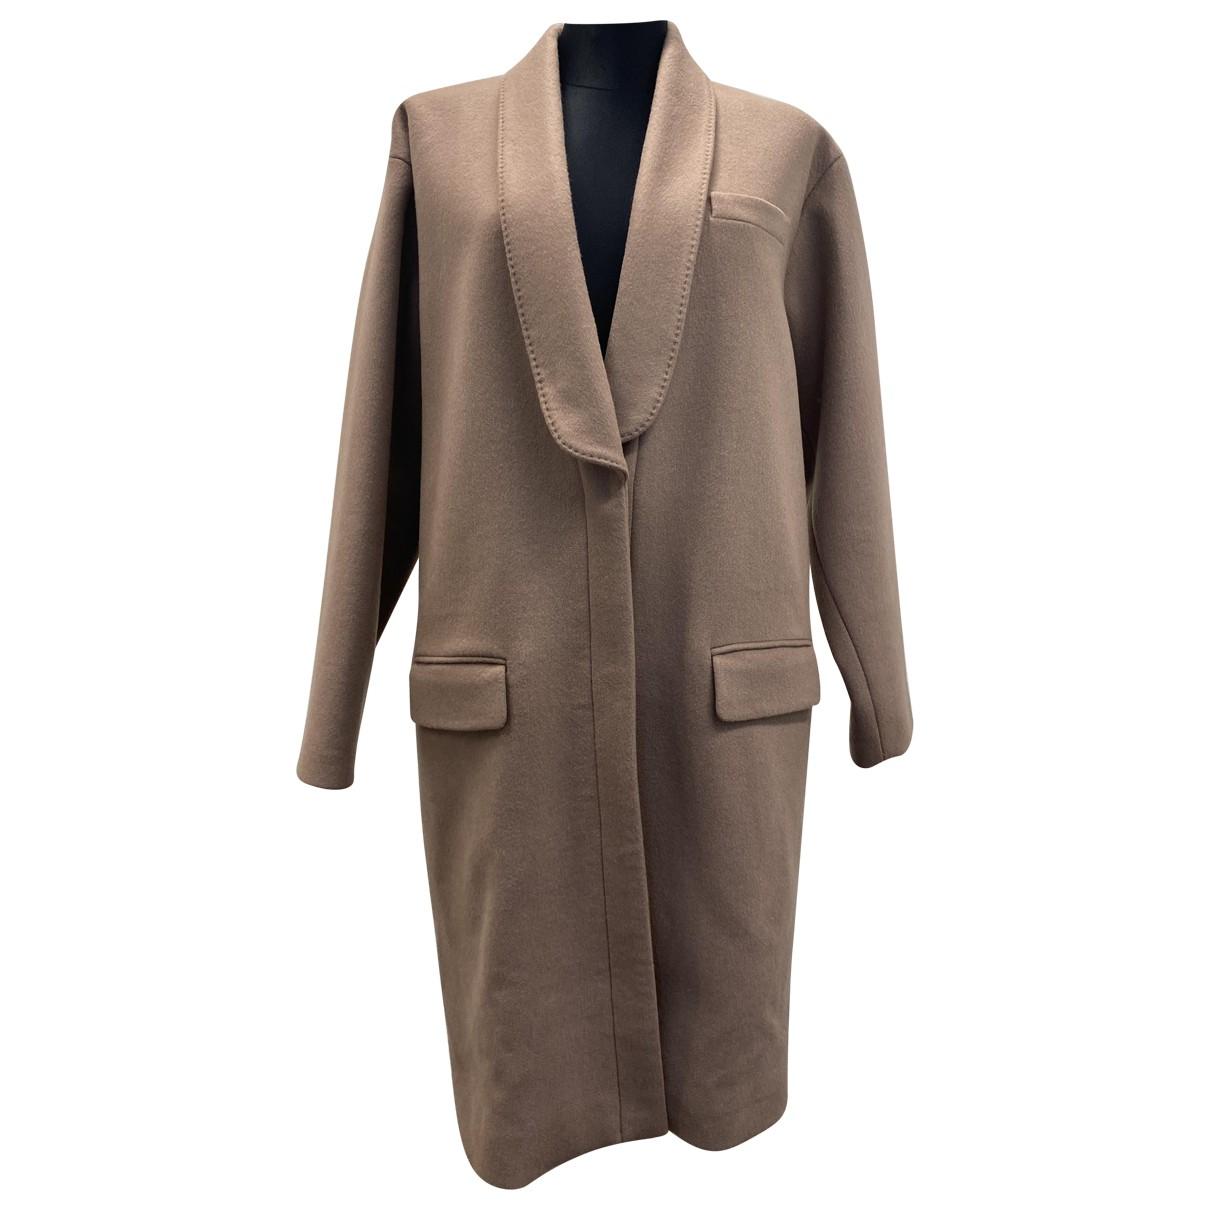 Givenchy \N Camel Cashmere coat for Women 36 FR